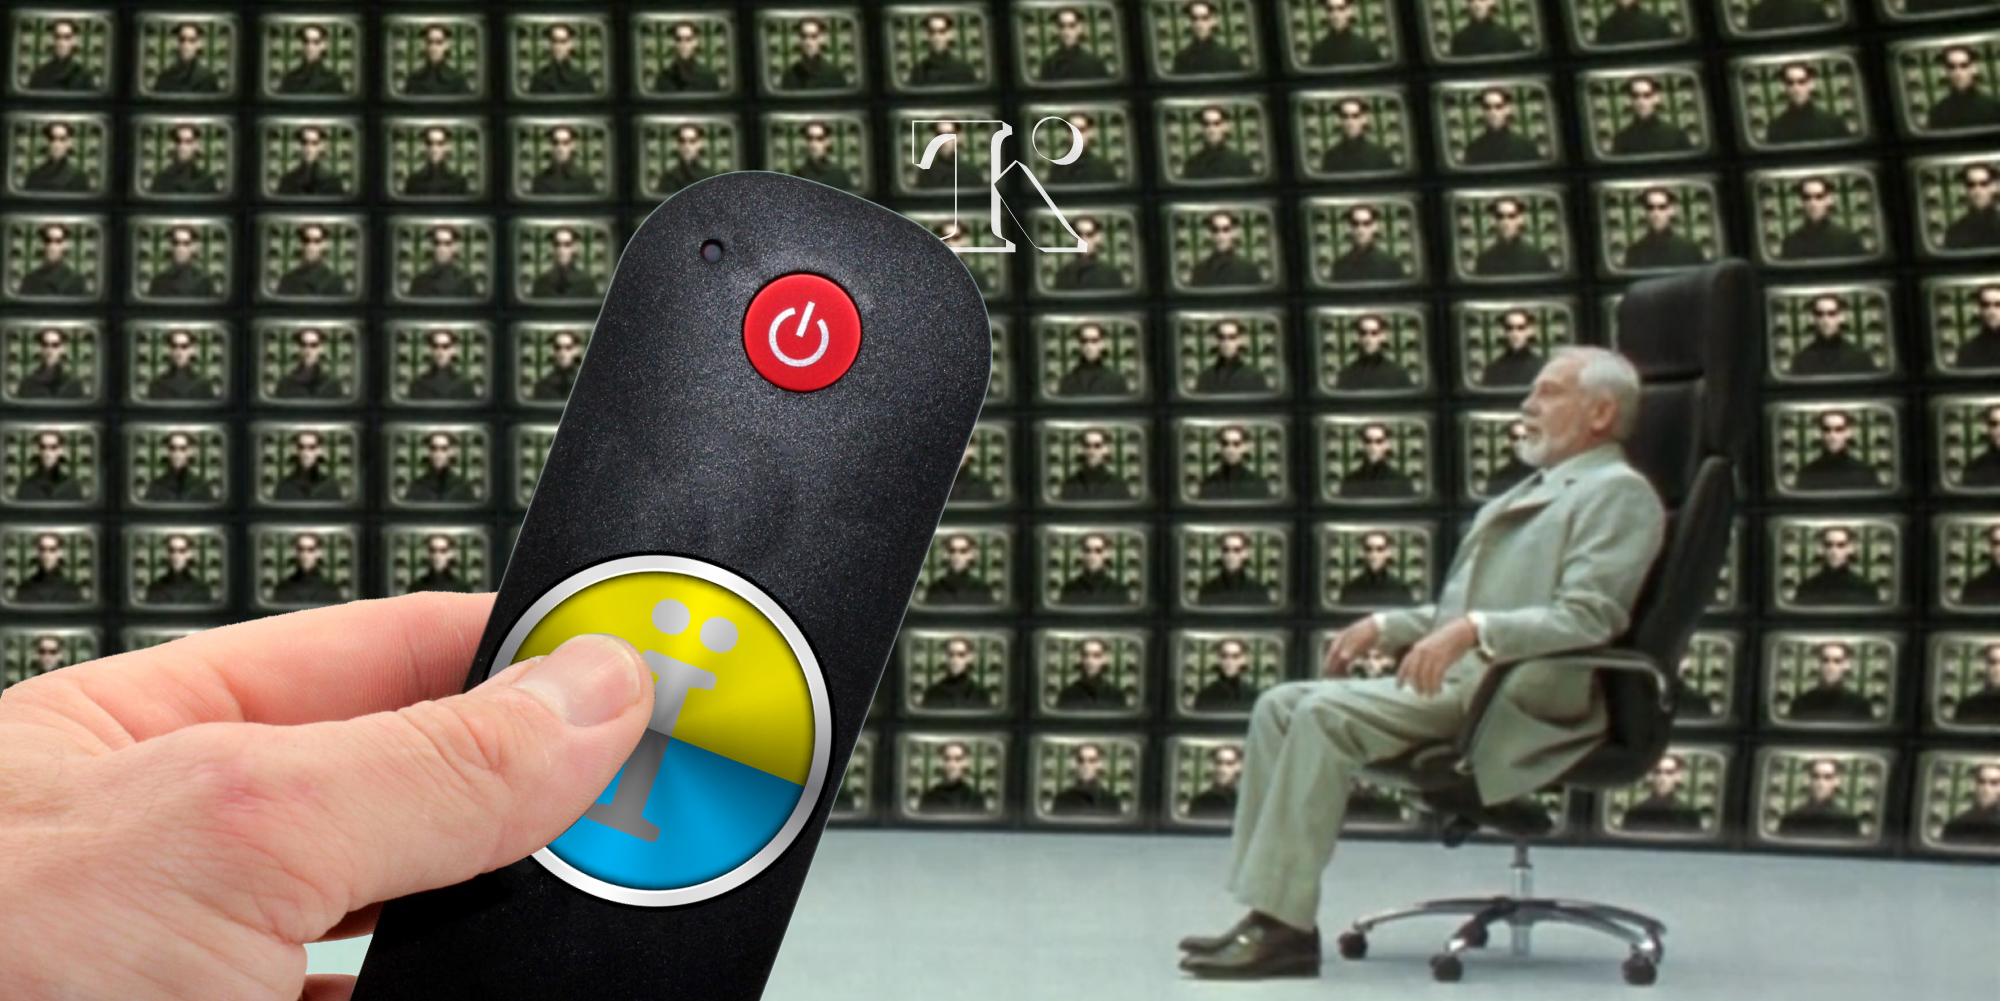 Нужны ли квоты на российский и европейский телепродукт: что думают на крупнейших каналах